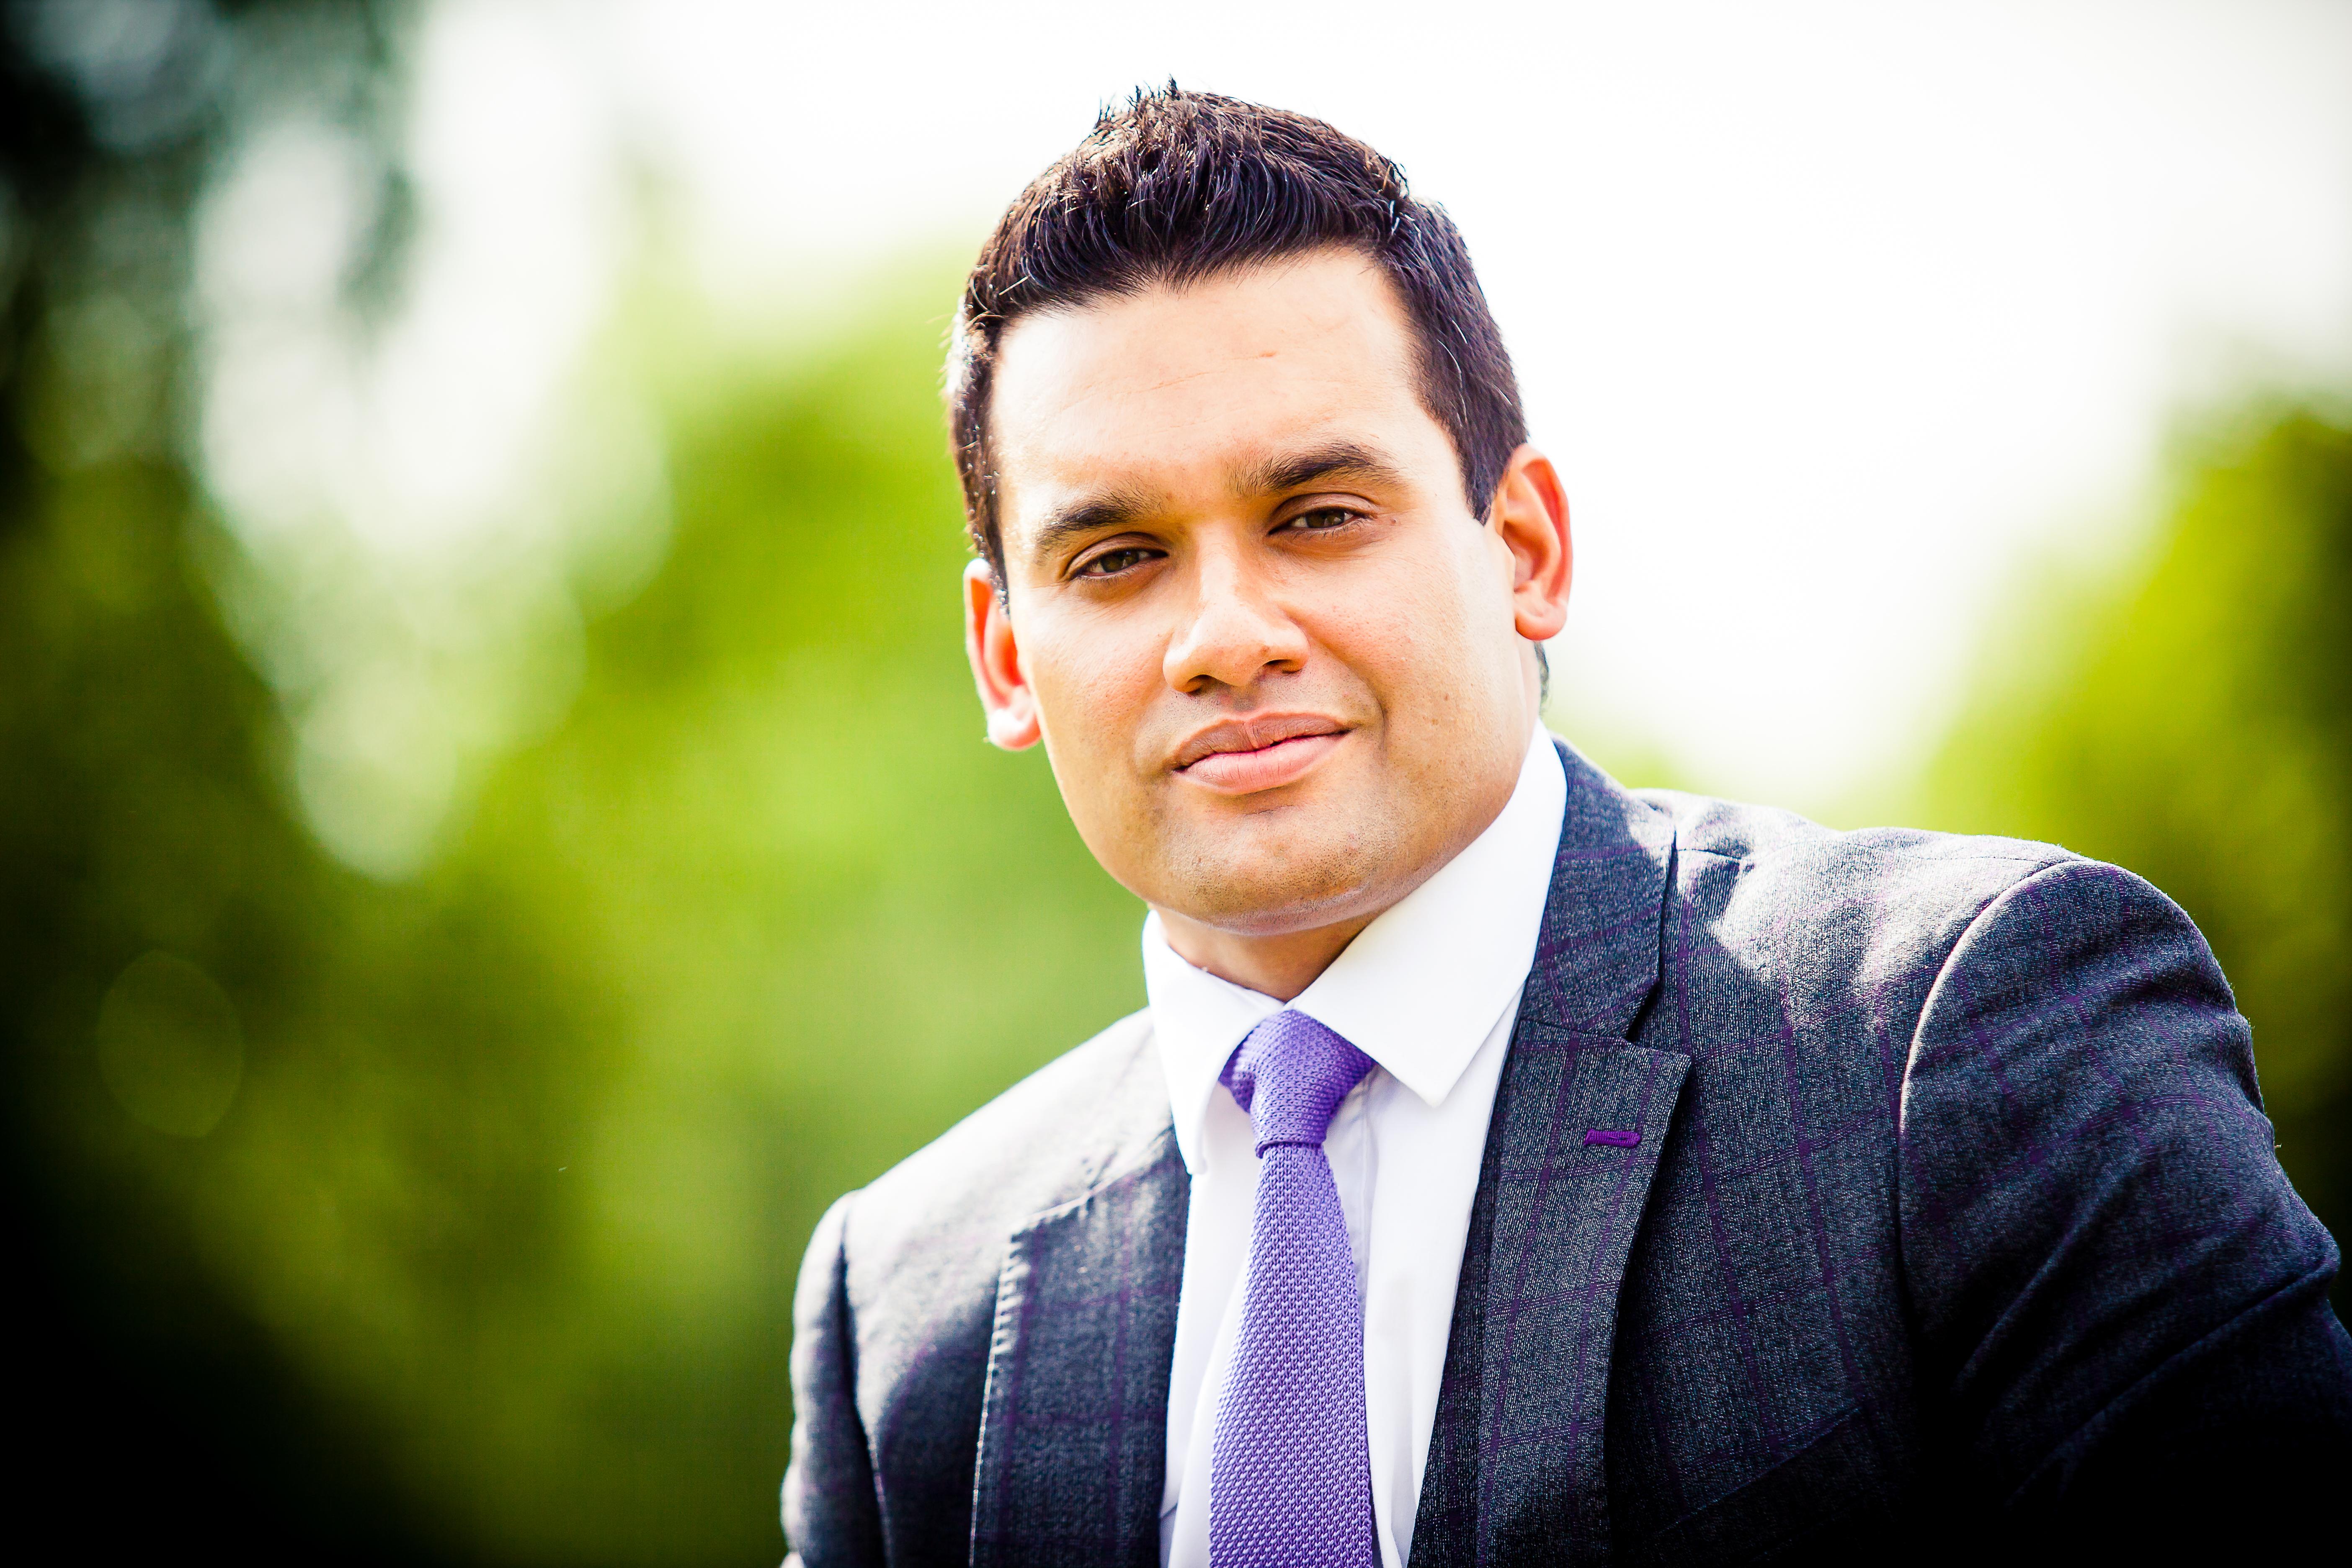 Adam Rasul headshot photograph